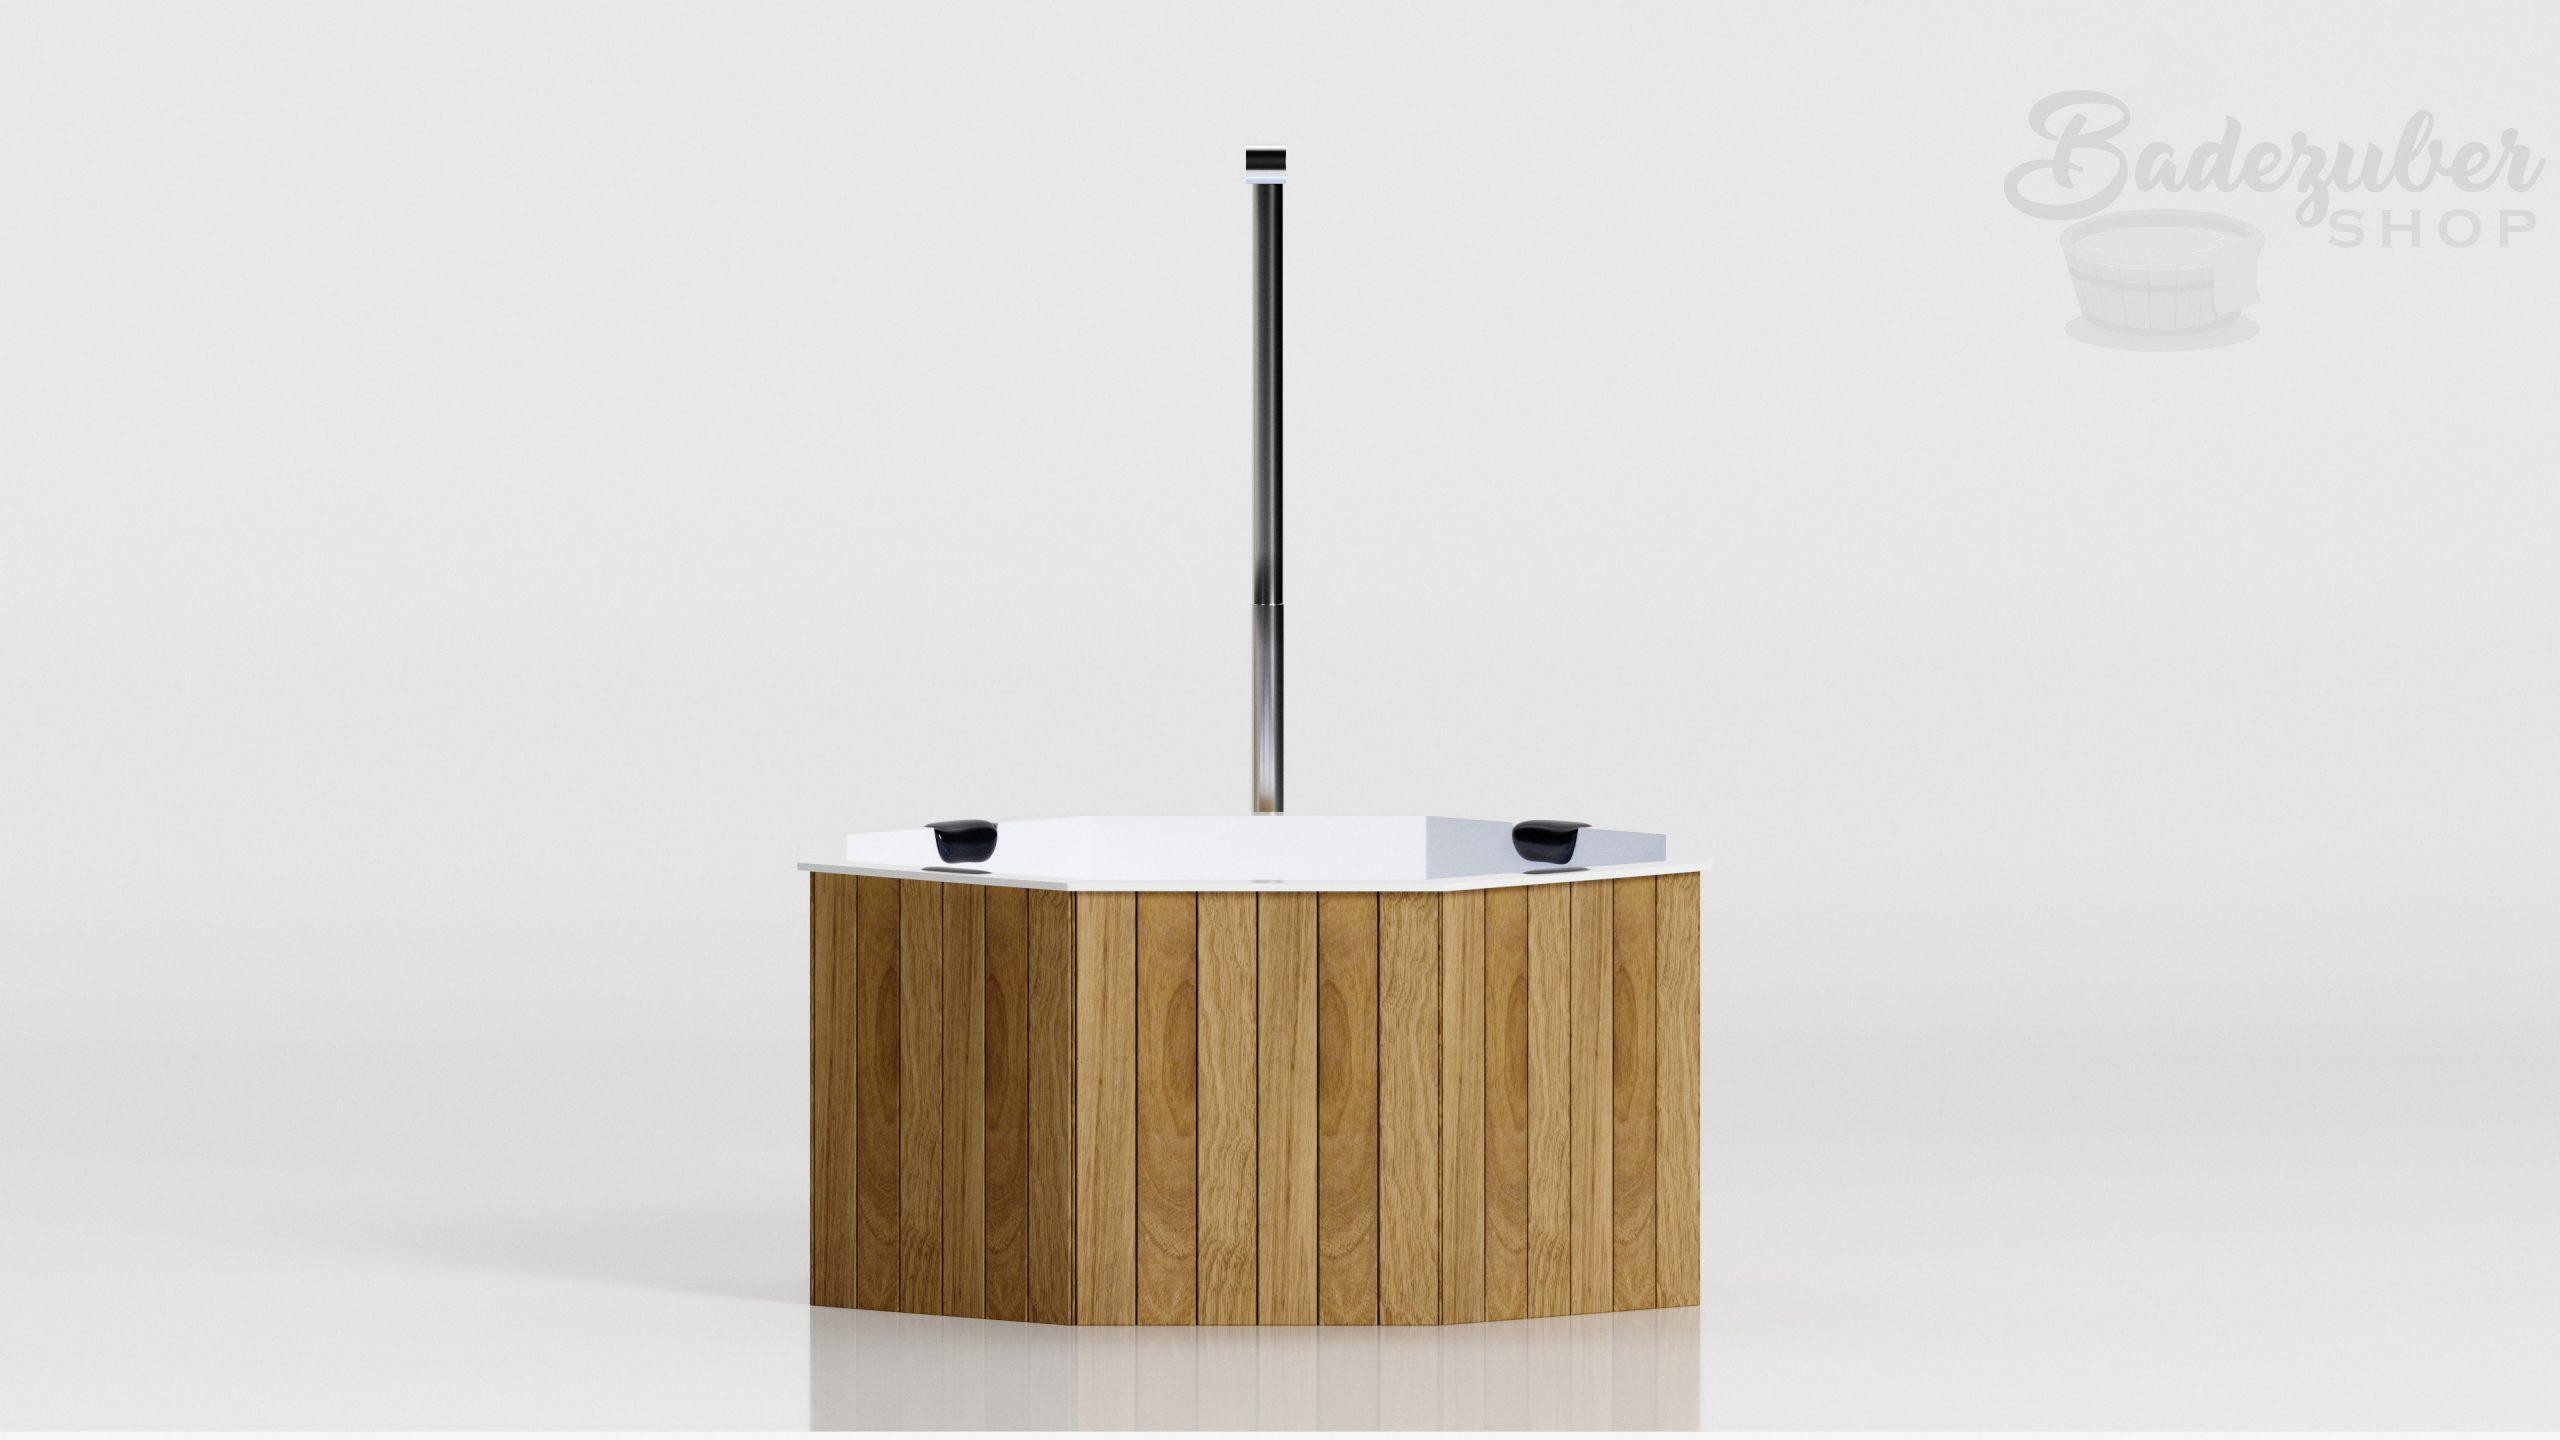 Badezuber aus GFK in Weiss - Produktbild Seitenansicht